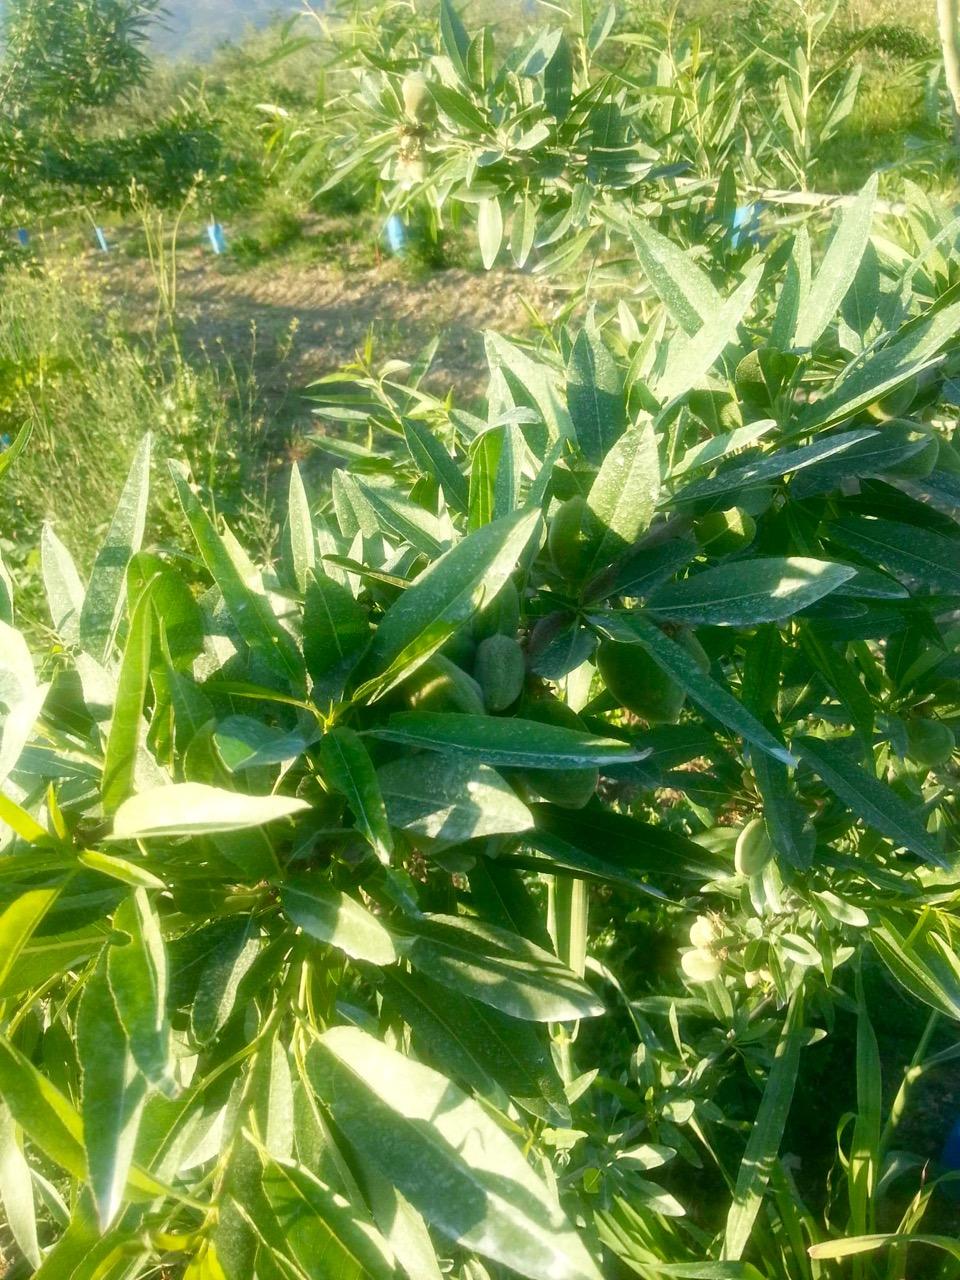 Καλλιέργεια Αμυγδαλιάς ποικιλίας Tuono με ζεόλιθο στη Λάρισα